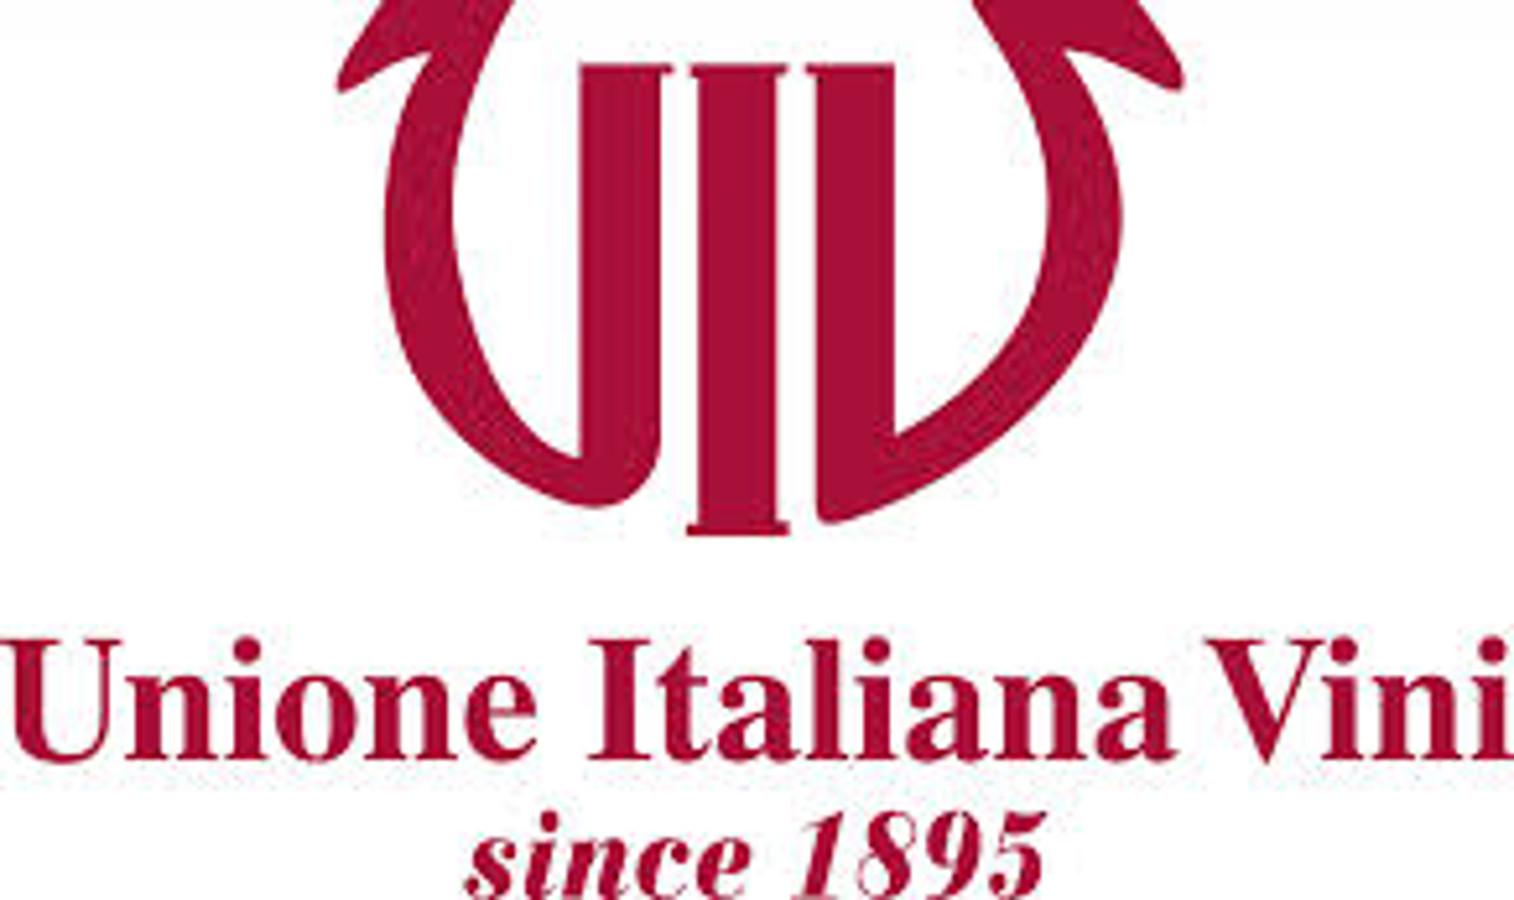 Il Sistema Vino chiede sprint a Renzi, Martina e Ue